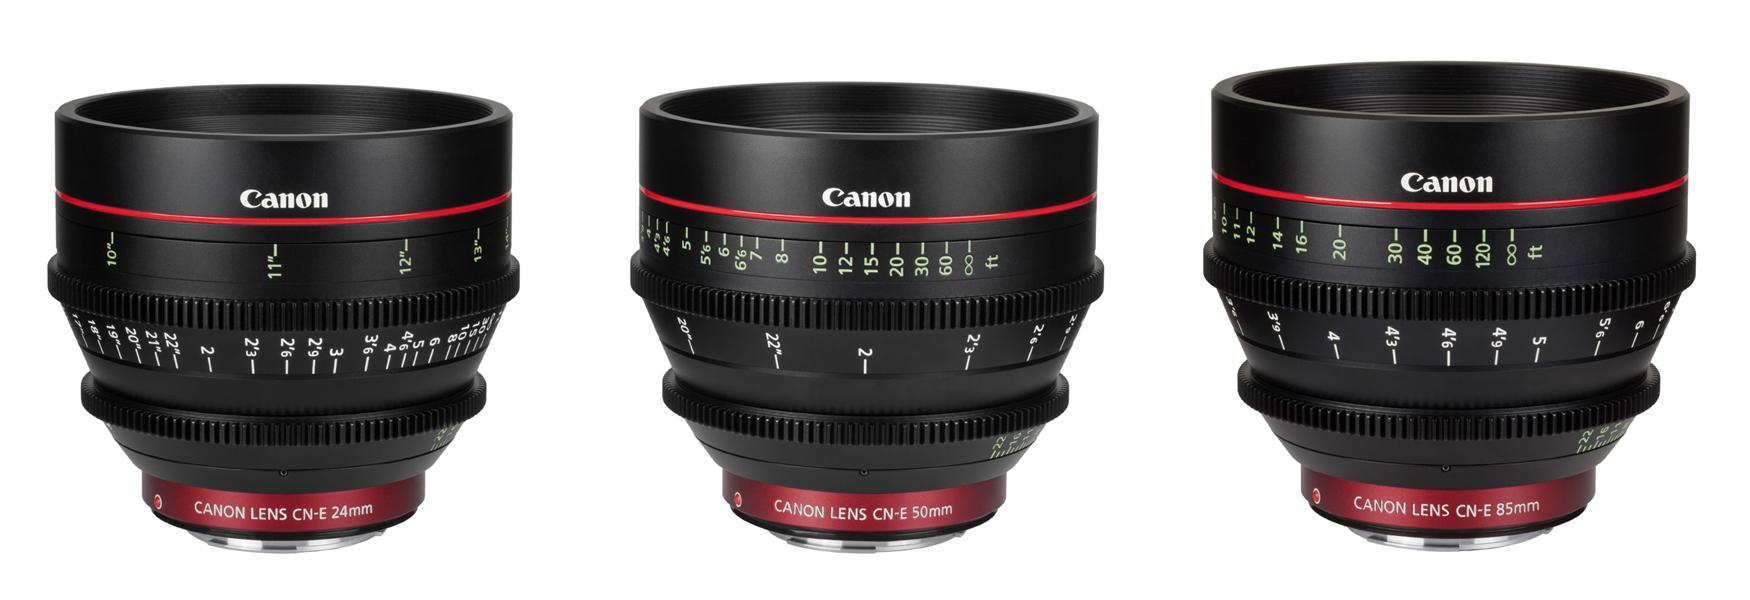 C300_lenses